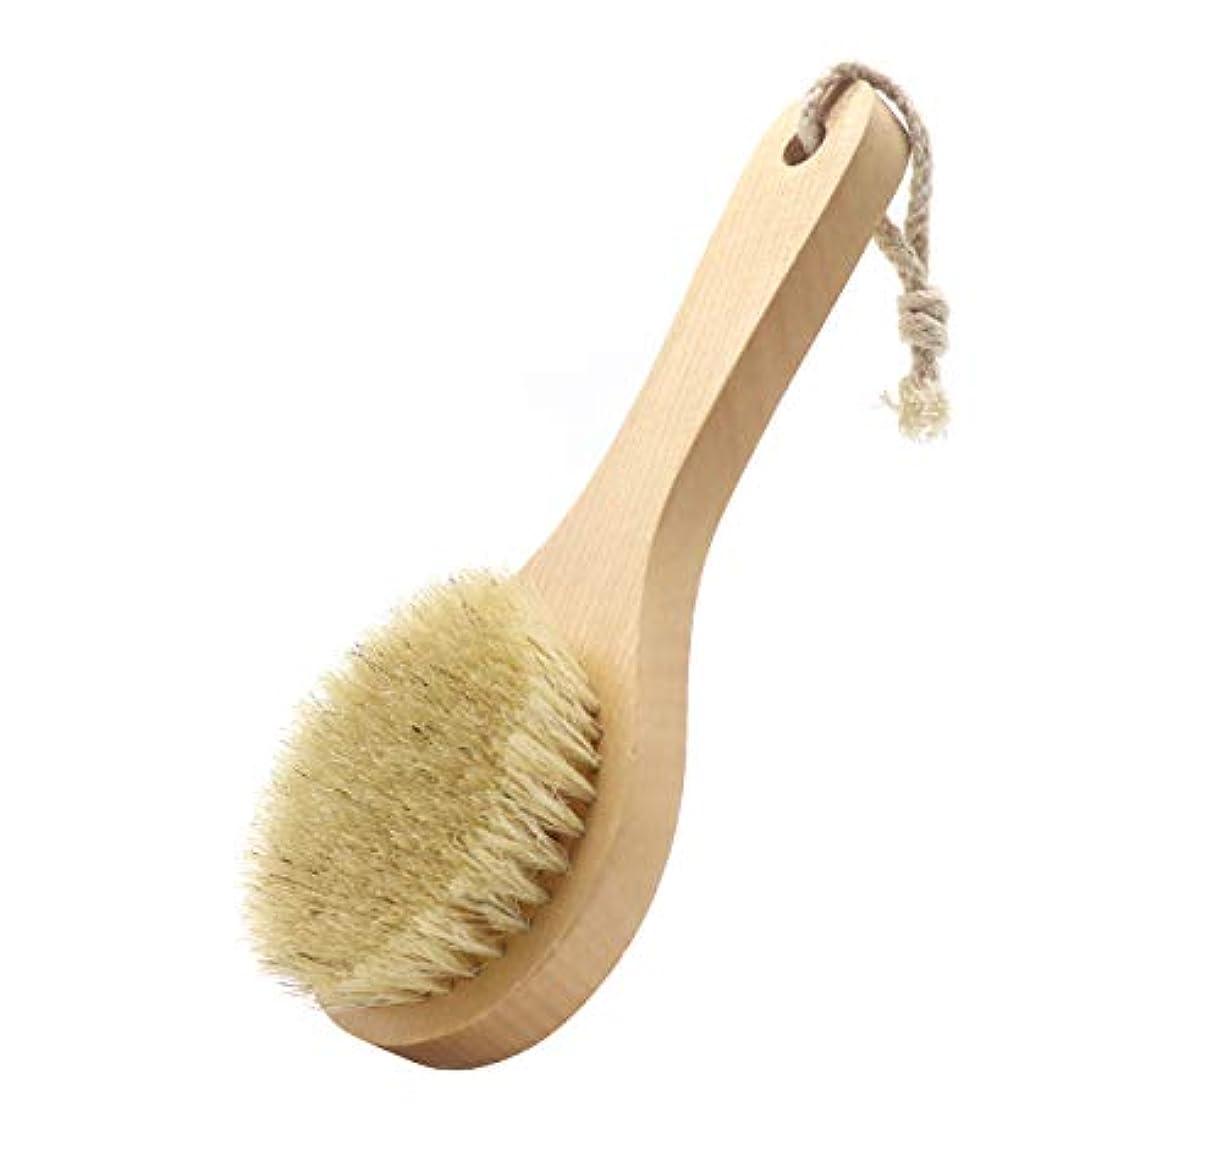 鼻釈義桃Maltose ボディブラシ 豚毛100% 木製 天然素材 短柄 硬め 足を洗う 体洗いブラシ 角質除去 美肌 お風呂グッズ (B:20 * 8CM)